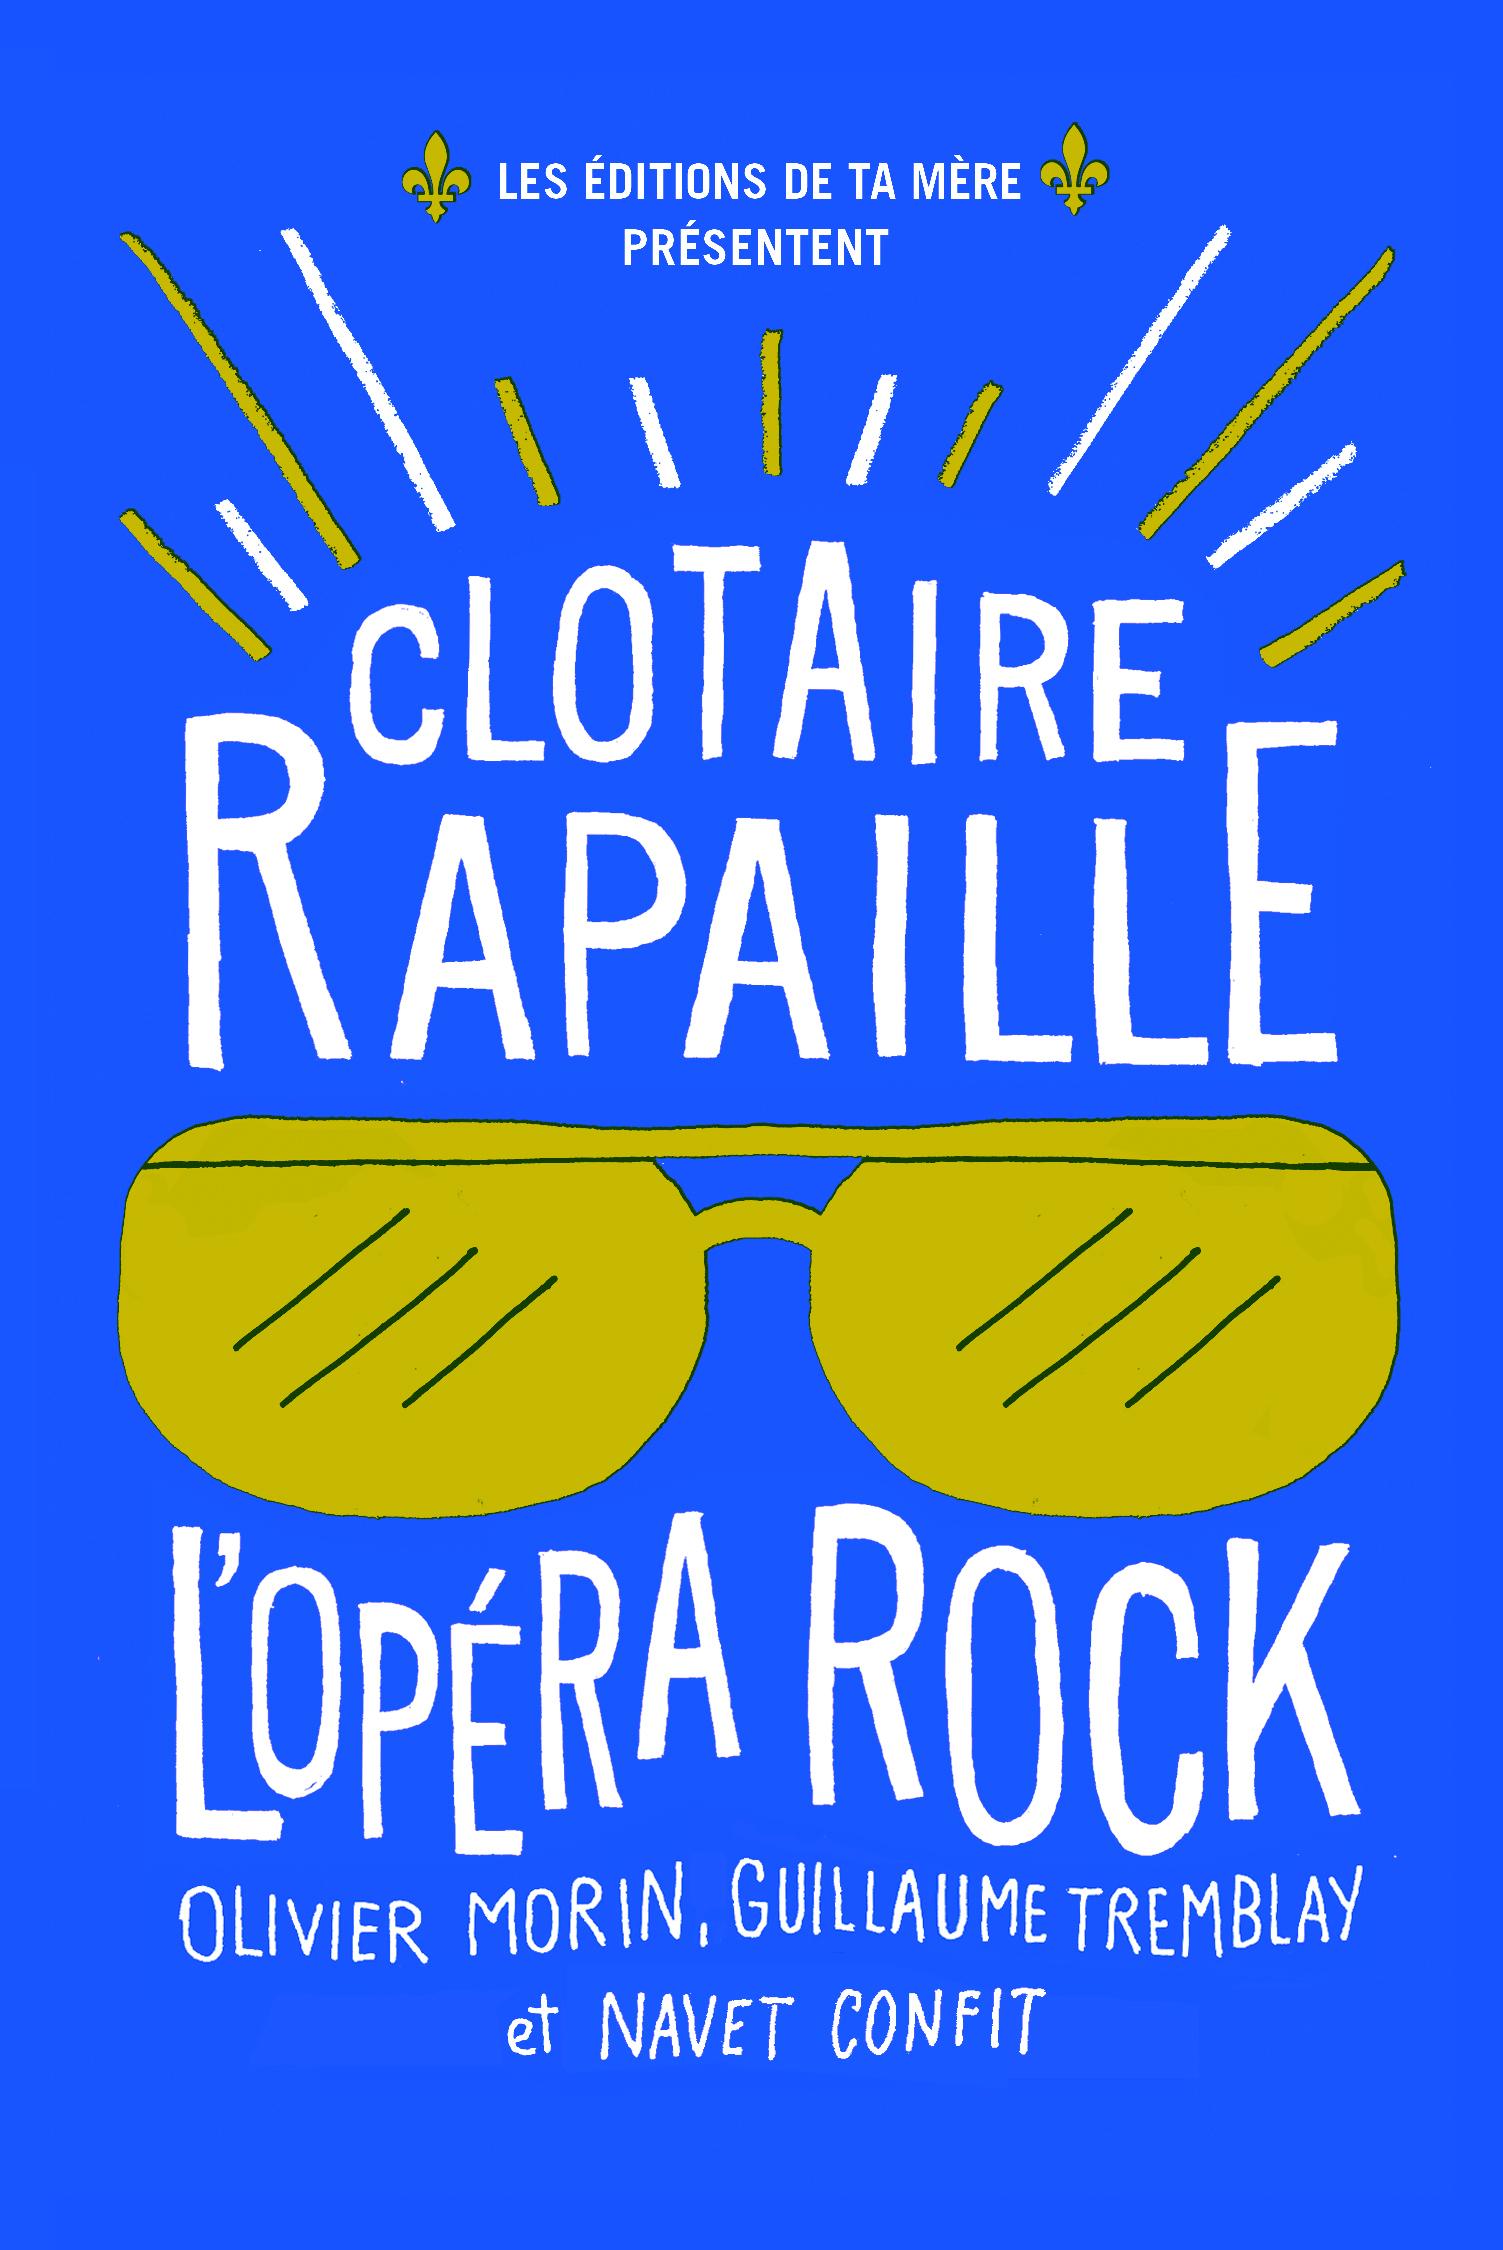 Clotaire Rapaille : l'Opéra Rock